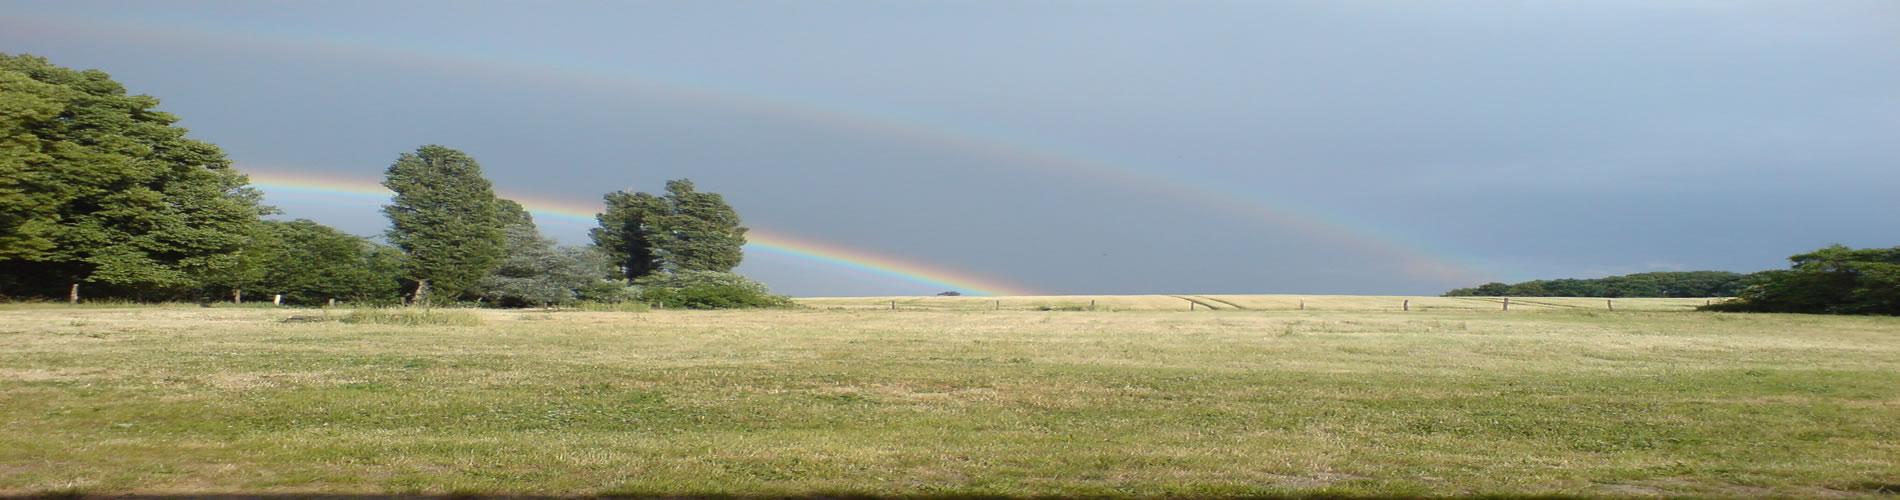 Doppelter Regenbogen über dem Gäste- und Ferienhaus Uckermark